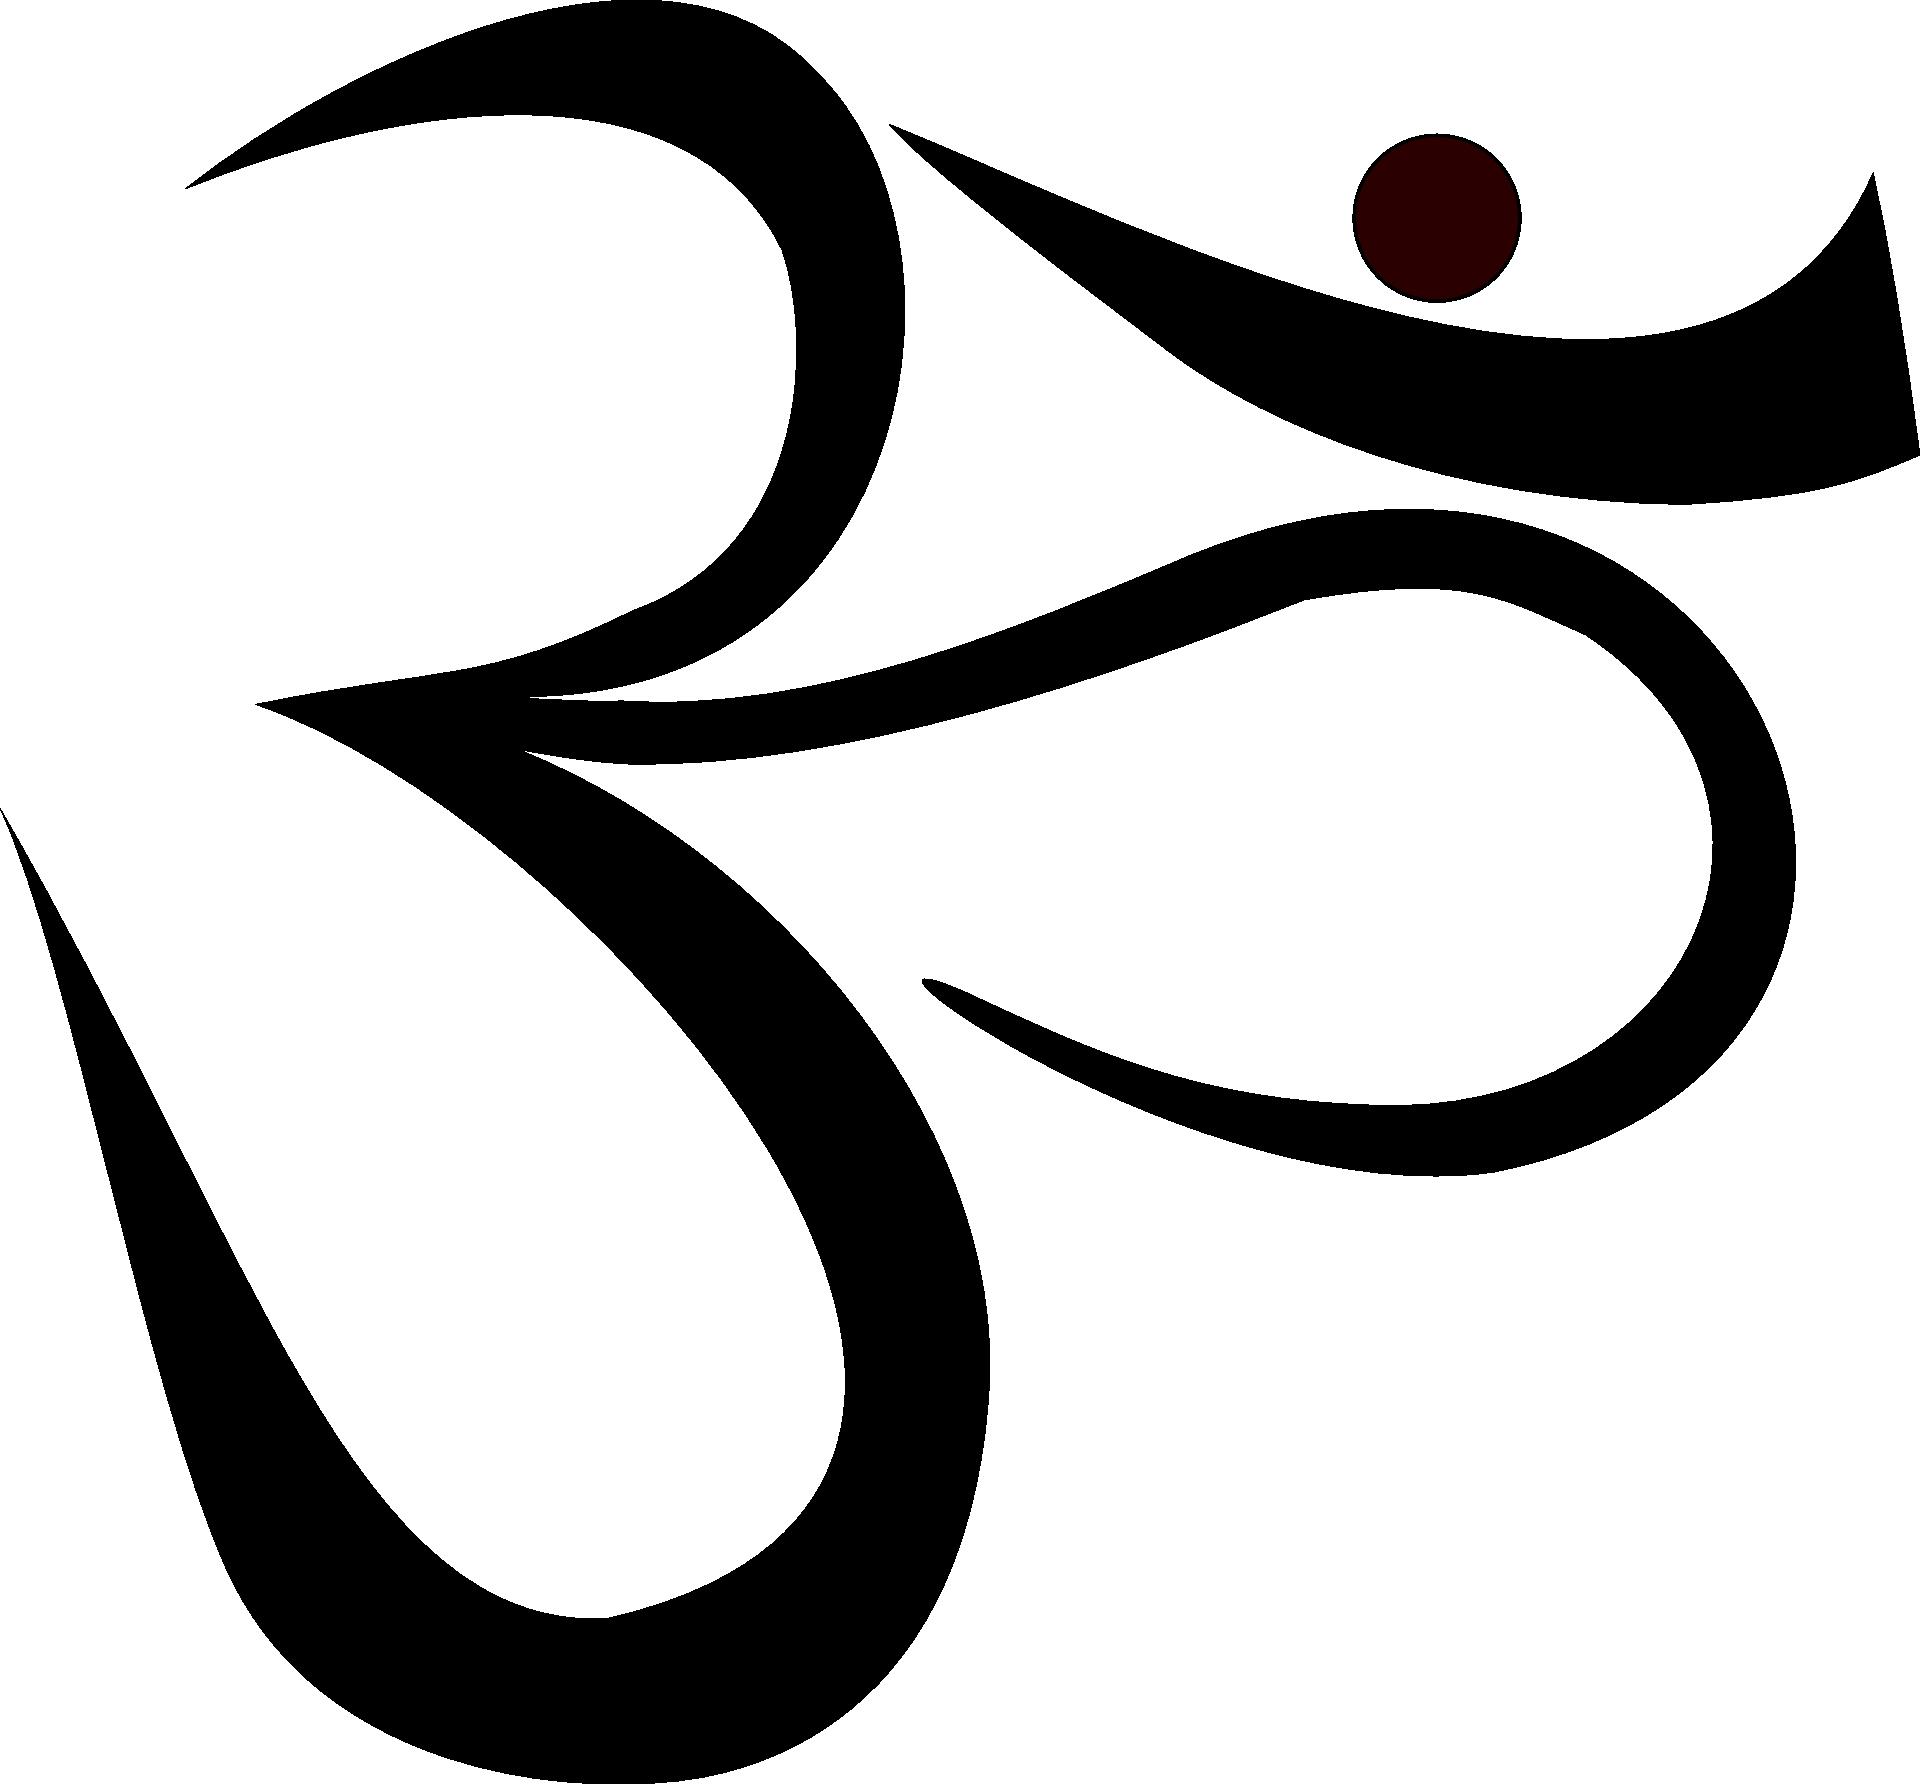 hindu symbols pictures - HD1280×1189